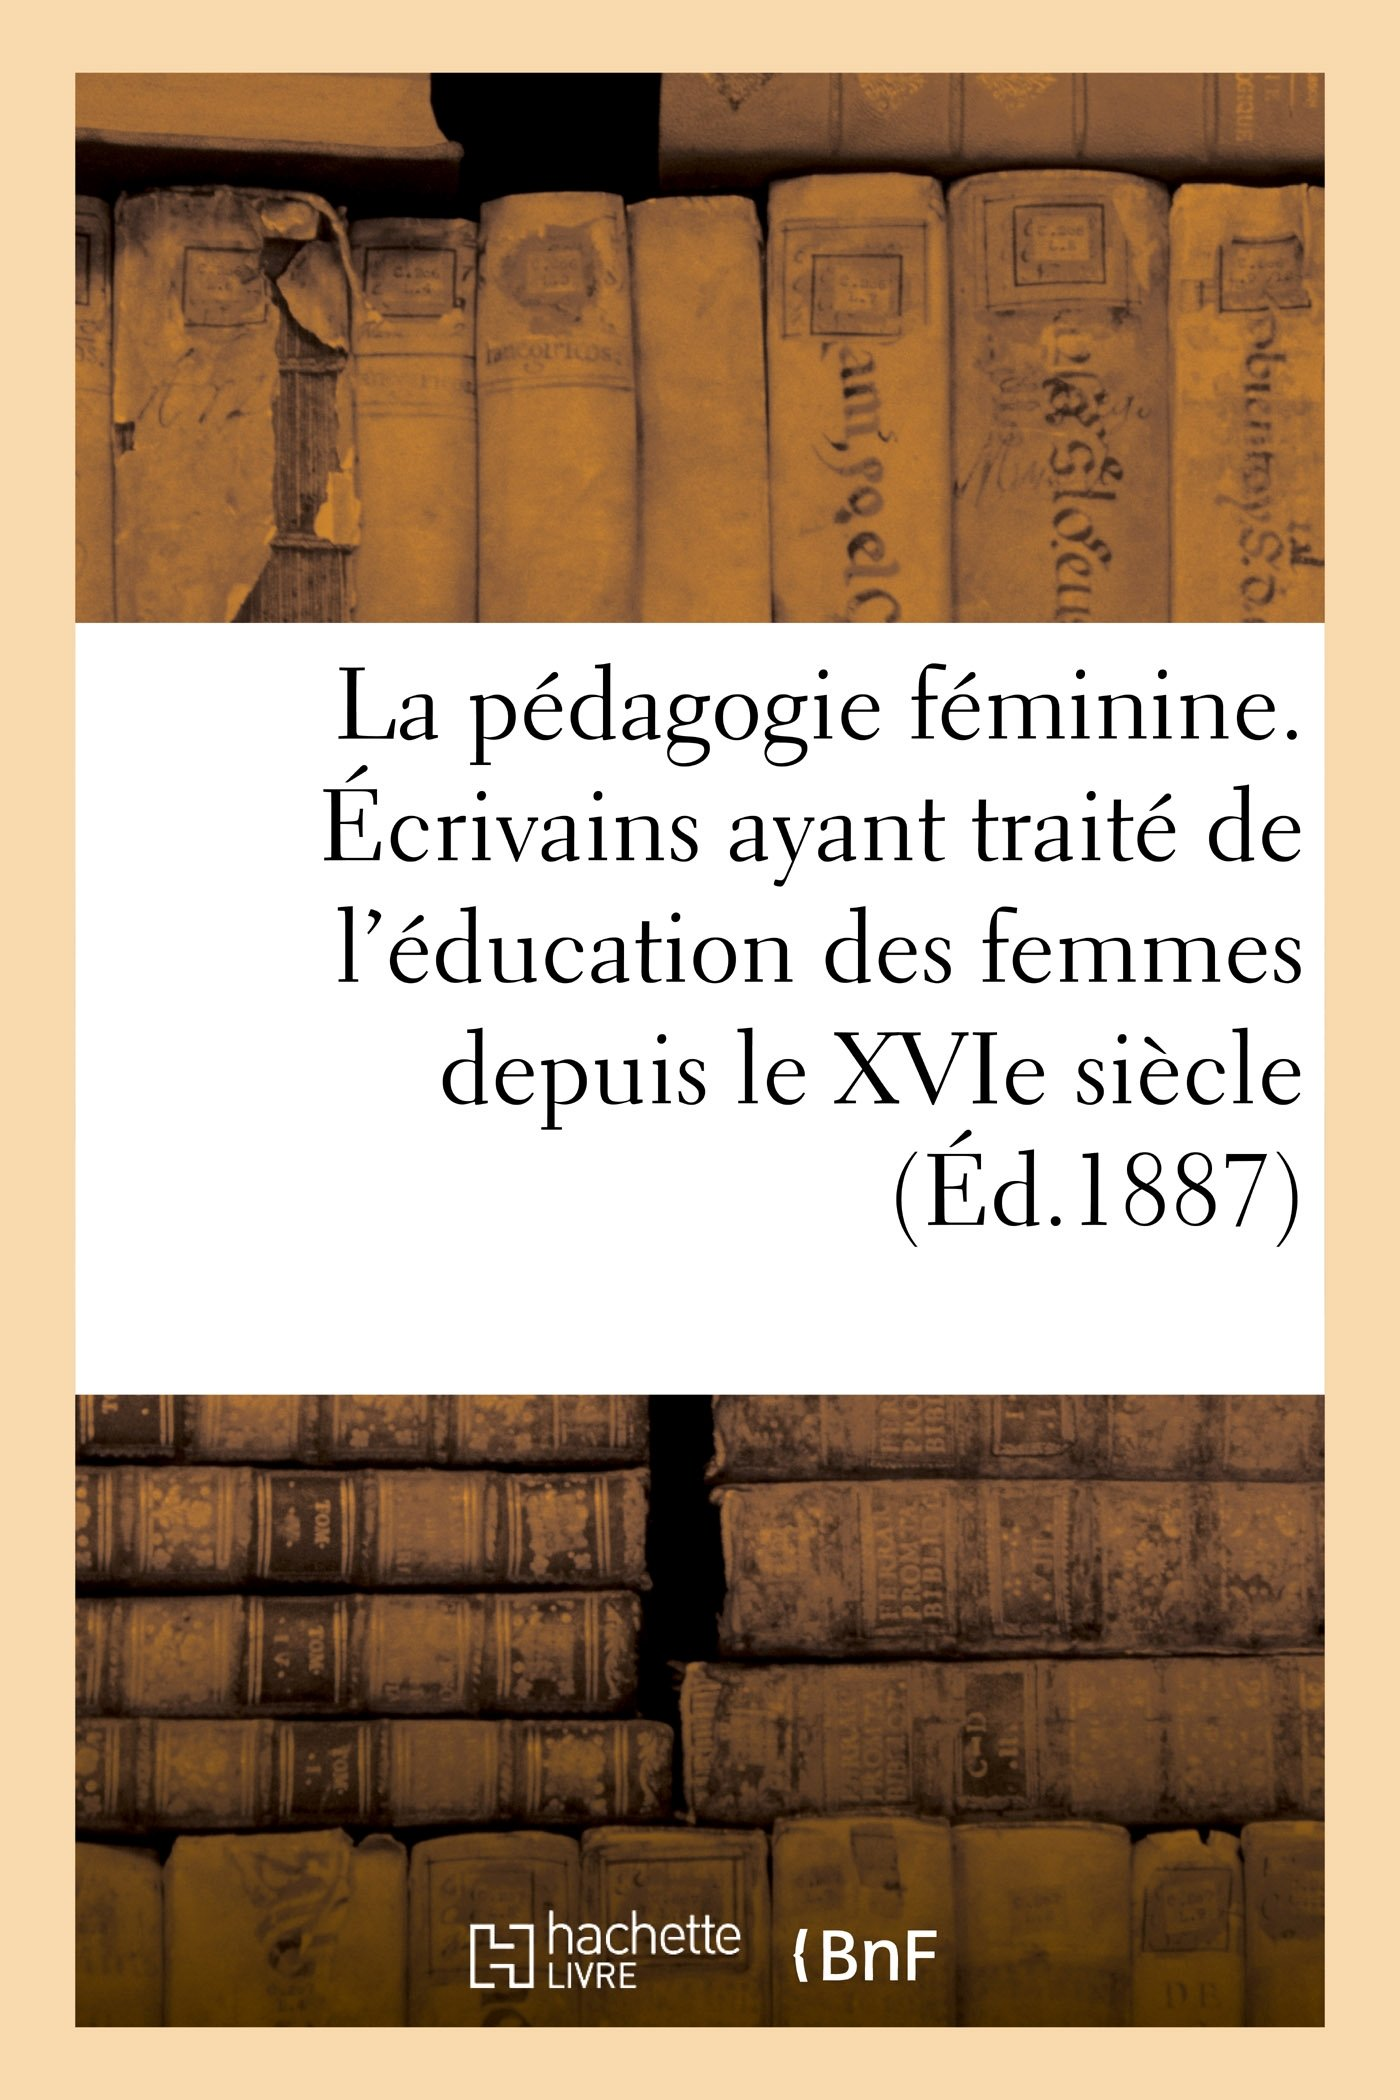 La pédagogie féminine, de l'éducation des femmes depuis le XVIe siècle (2e édition) (Sciences Sociales) (French Edition) pdf epub